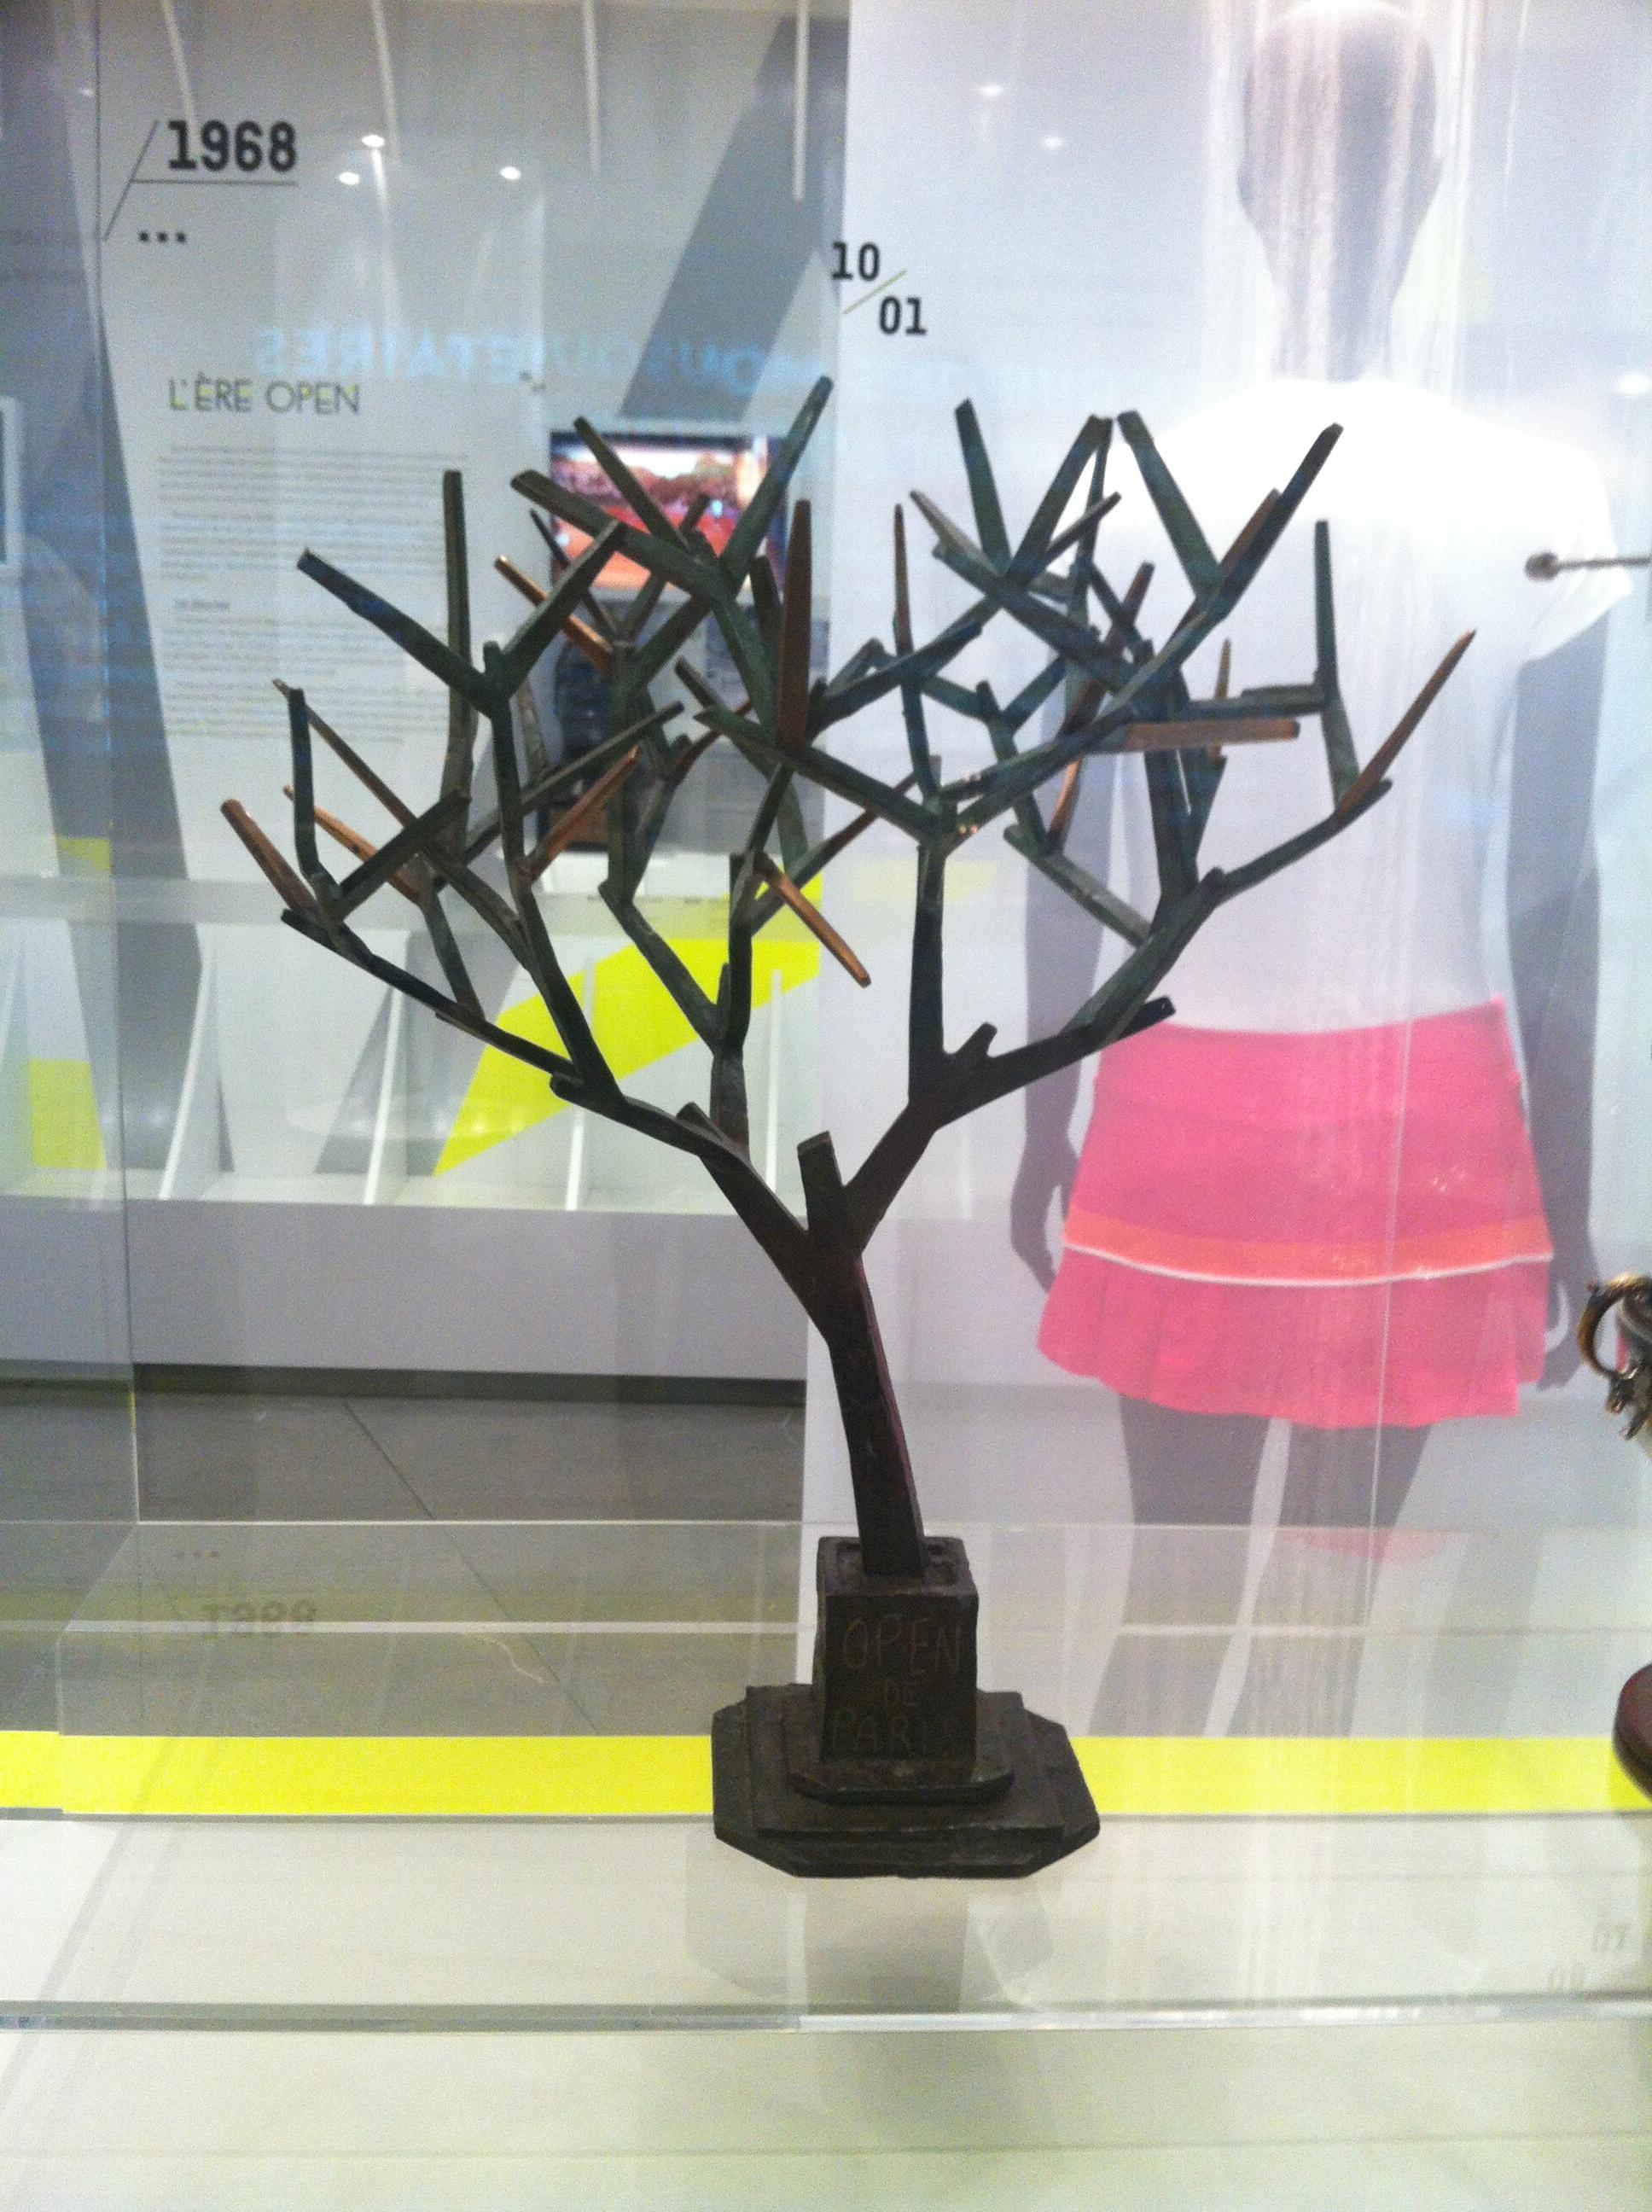 Retournant un tableau de progression des Internationaux de France, l'artiste italien Lucio Fanti voit se dessiner la silhouette d'un arbre. Sur cette inspiration, il réalise ce trophée original en bronze, unique au monde, et remis au vainqueur de l'Open de Paris de 1991 à 2006 (sic).